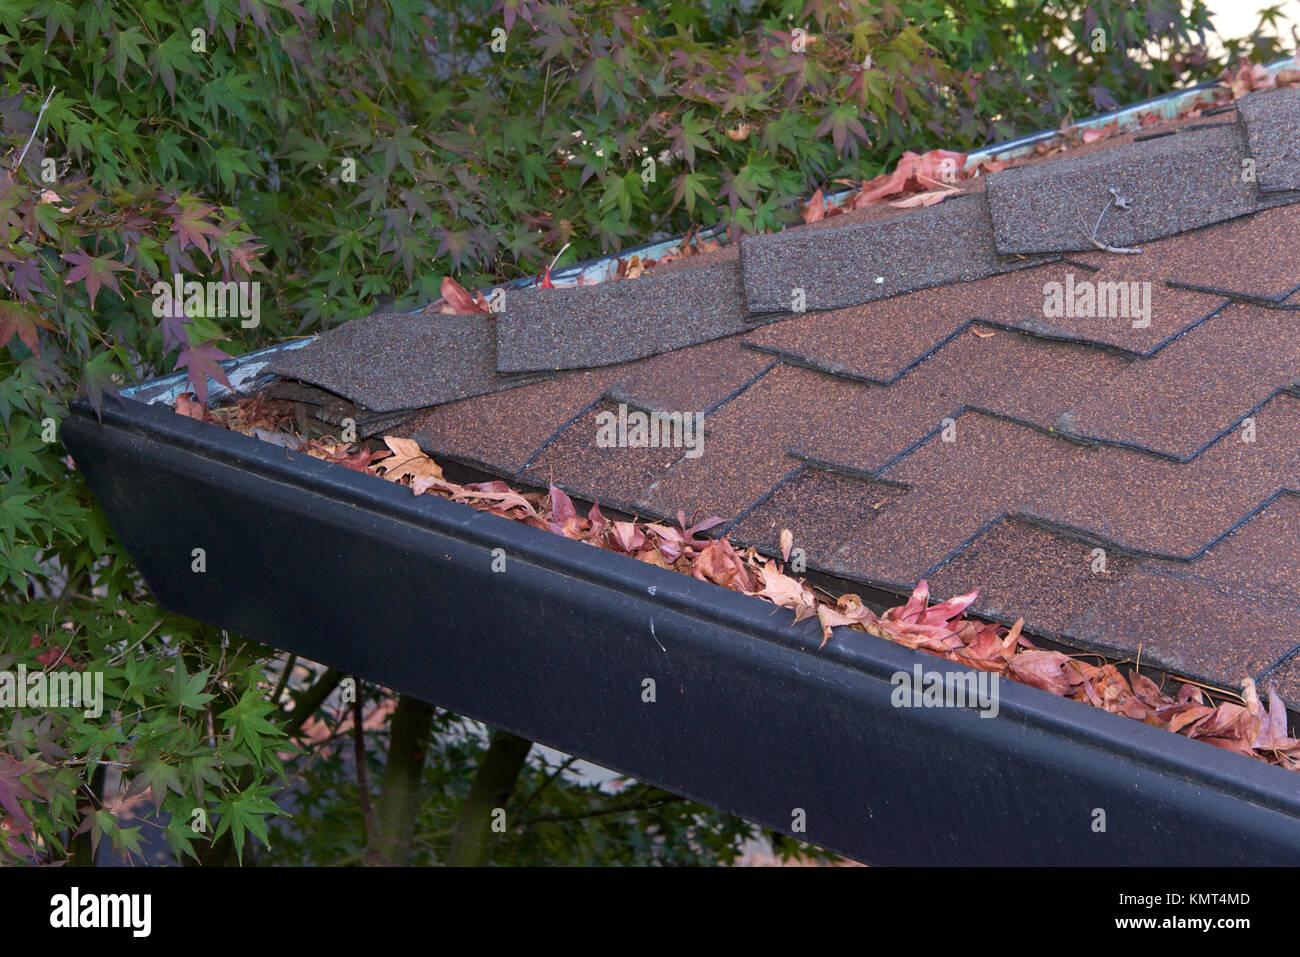 Grondaie sulla ghiaia tetto senza protezioni di gronda, intasato con foglie da alberi. Aumento del rischio di intasamento Immagini Stock